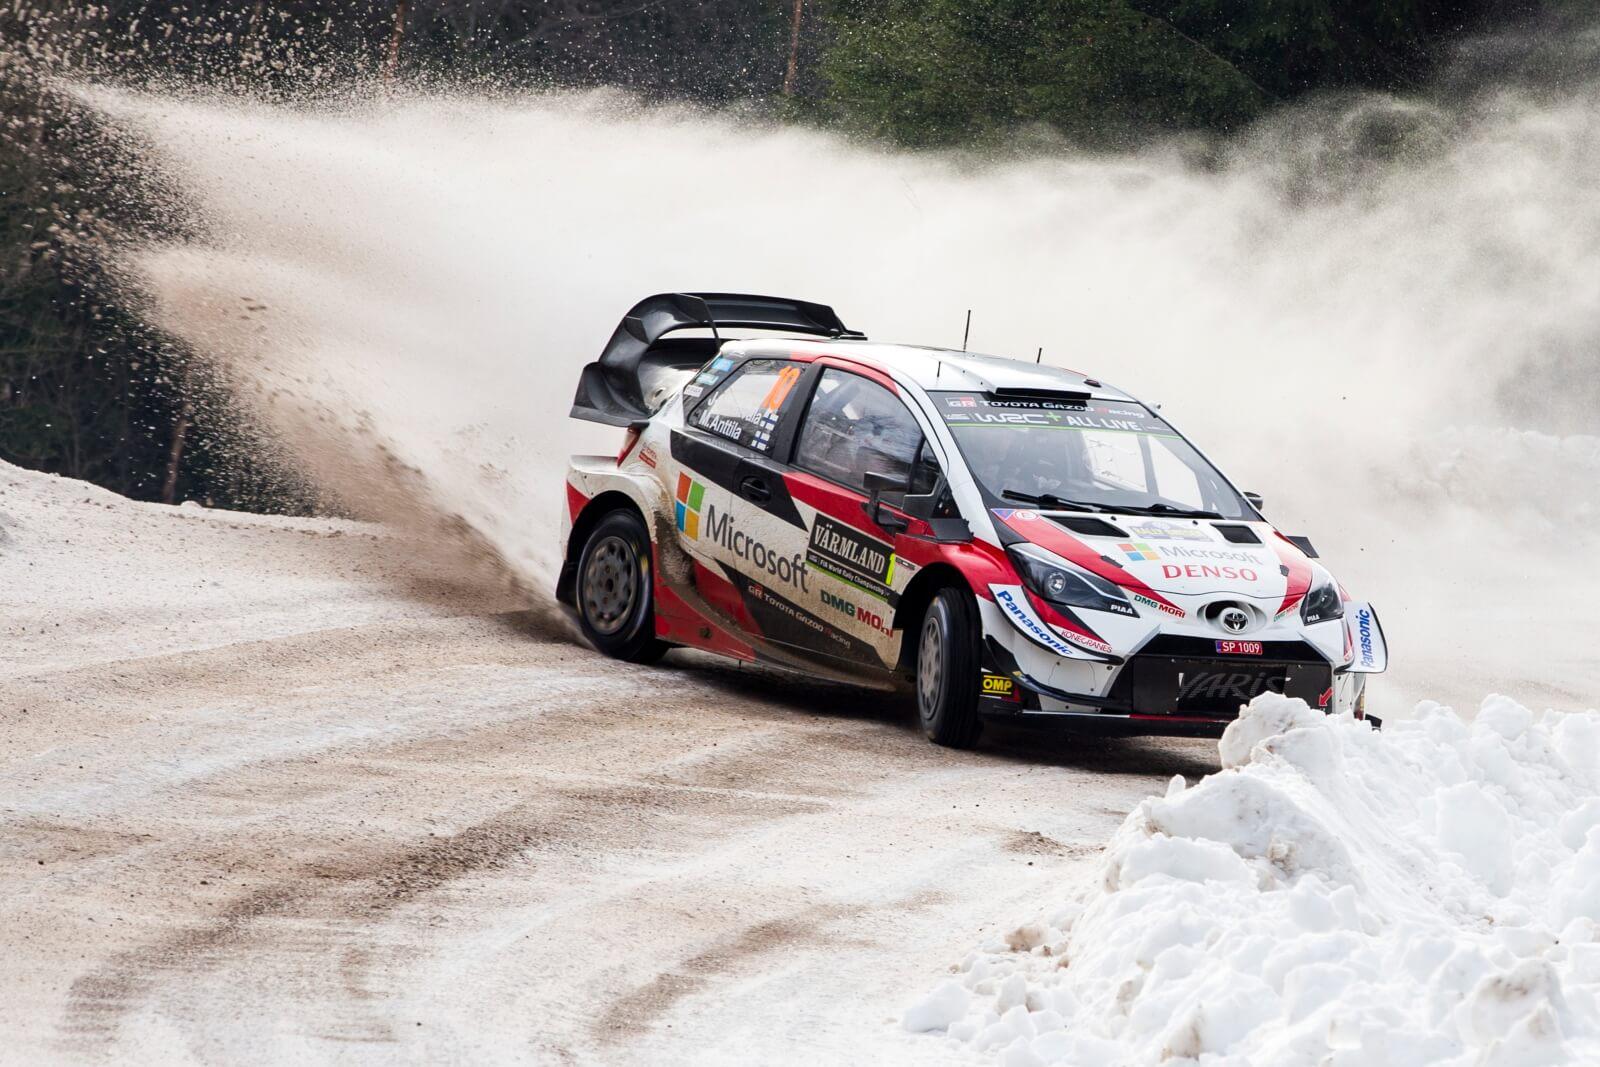 WRC w Szwecji fot.  EPA/Nikos Mitsouras